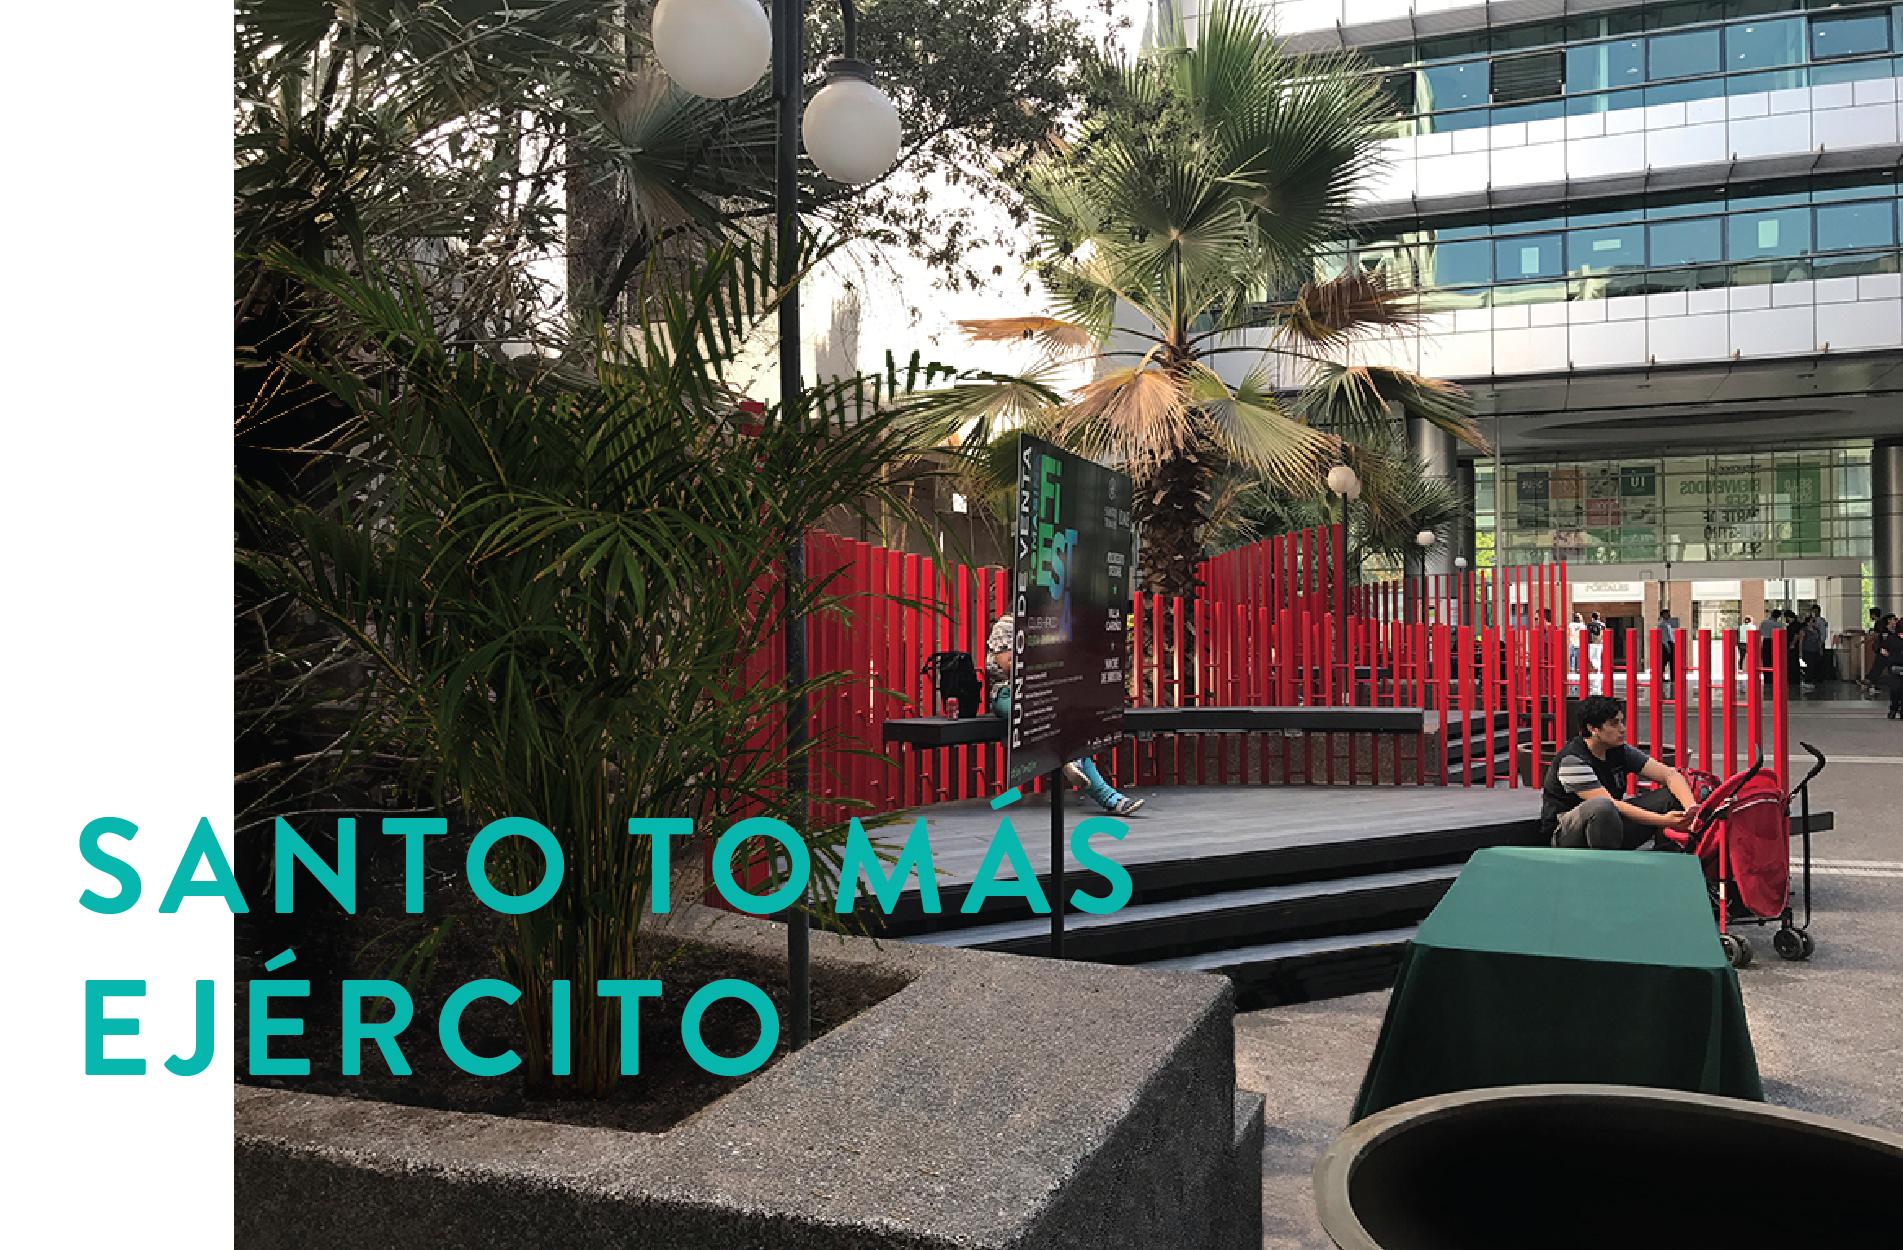 Formato Panoramico SANTO TOMAS EJERCITO-01.jpg